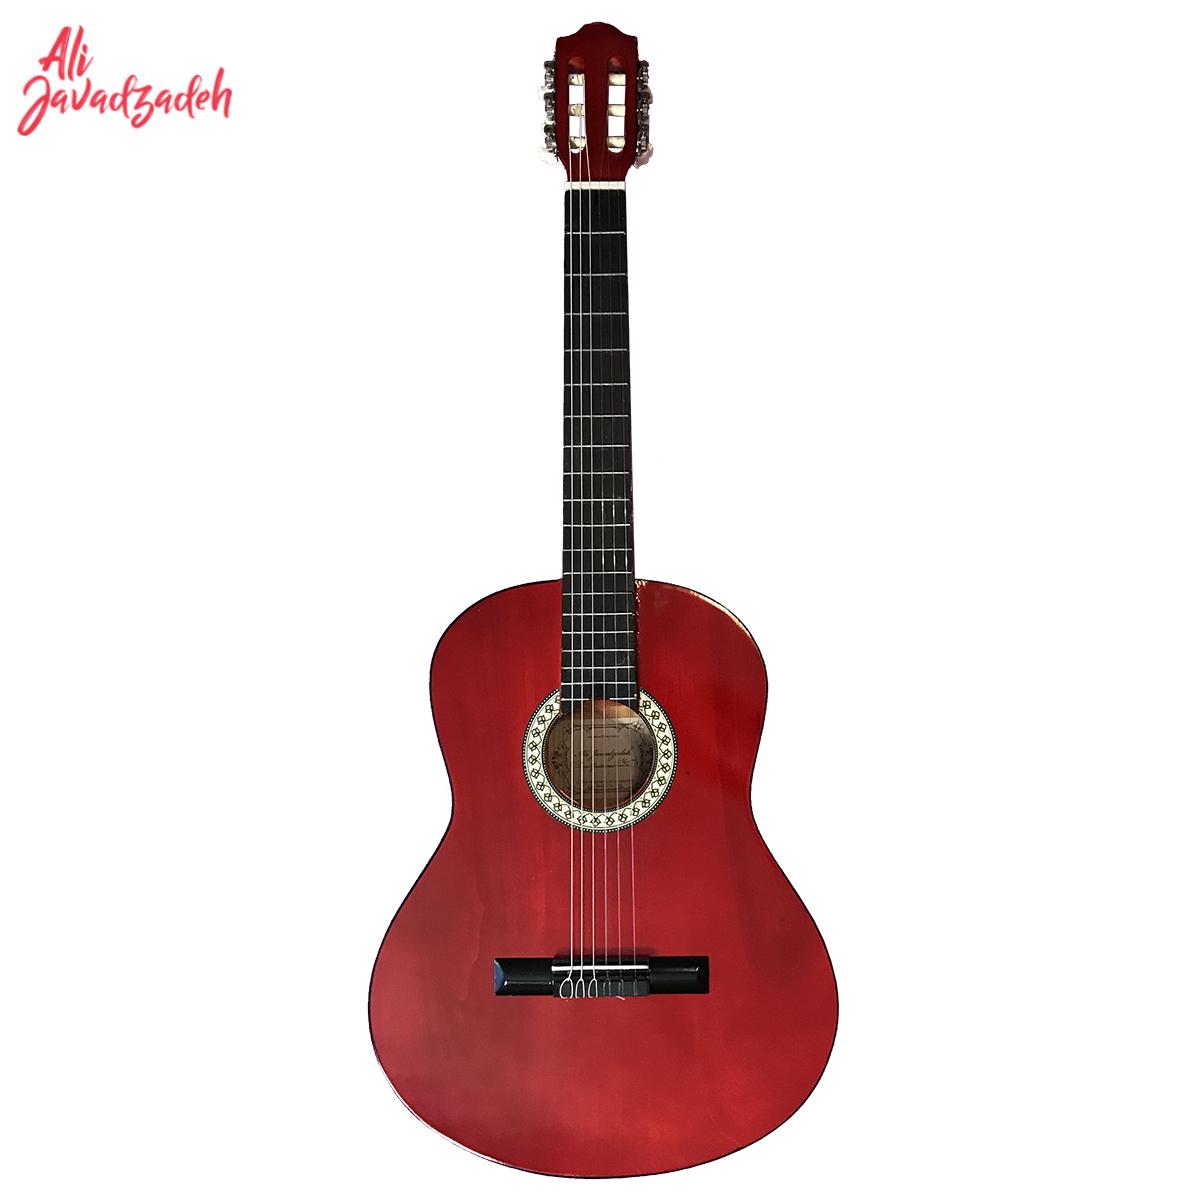 گیتار کلاسیک علی جوادزاده مدل 1C-13